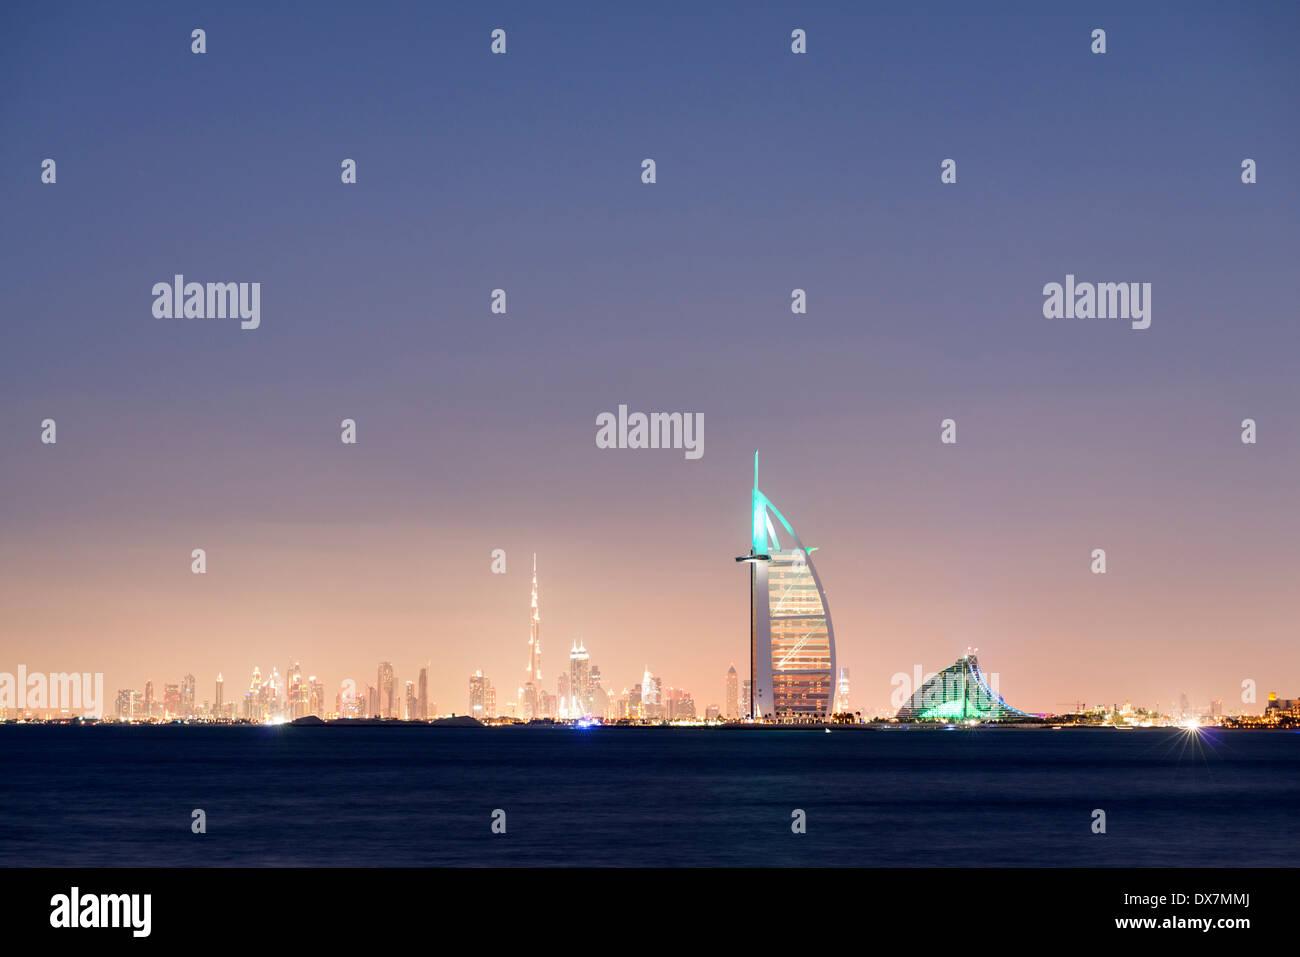 Lo skyline di notte in mare di lusso al Burj al Arab hotel e la città di Dubai con il Burj Khalifa Tower in distanza Emirati Arabi Uniti Immagini Stock